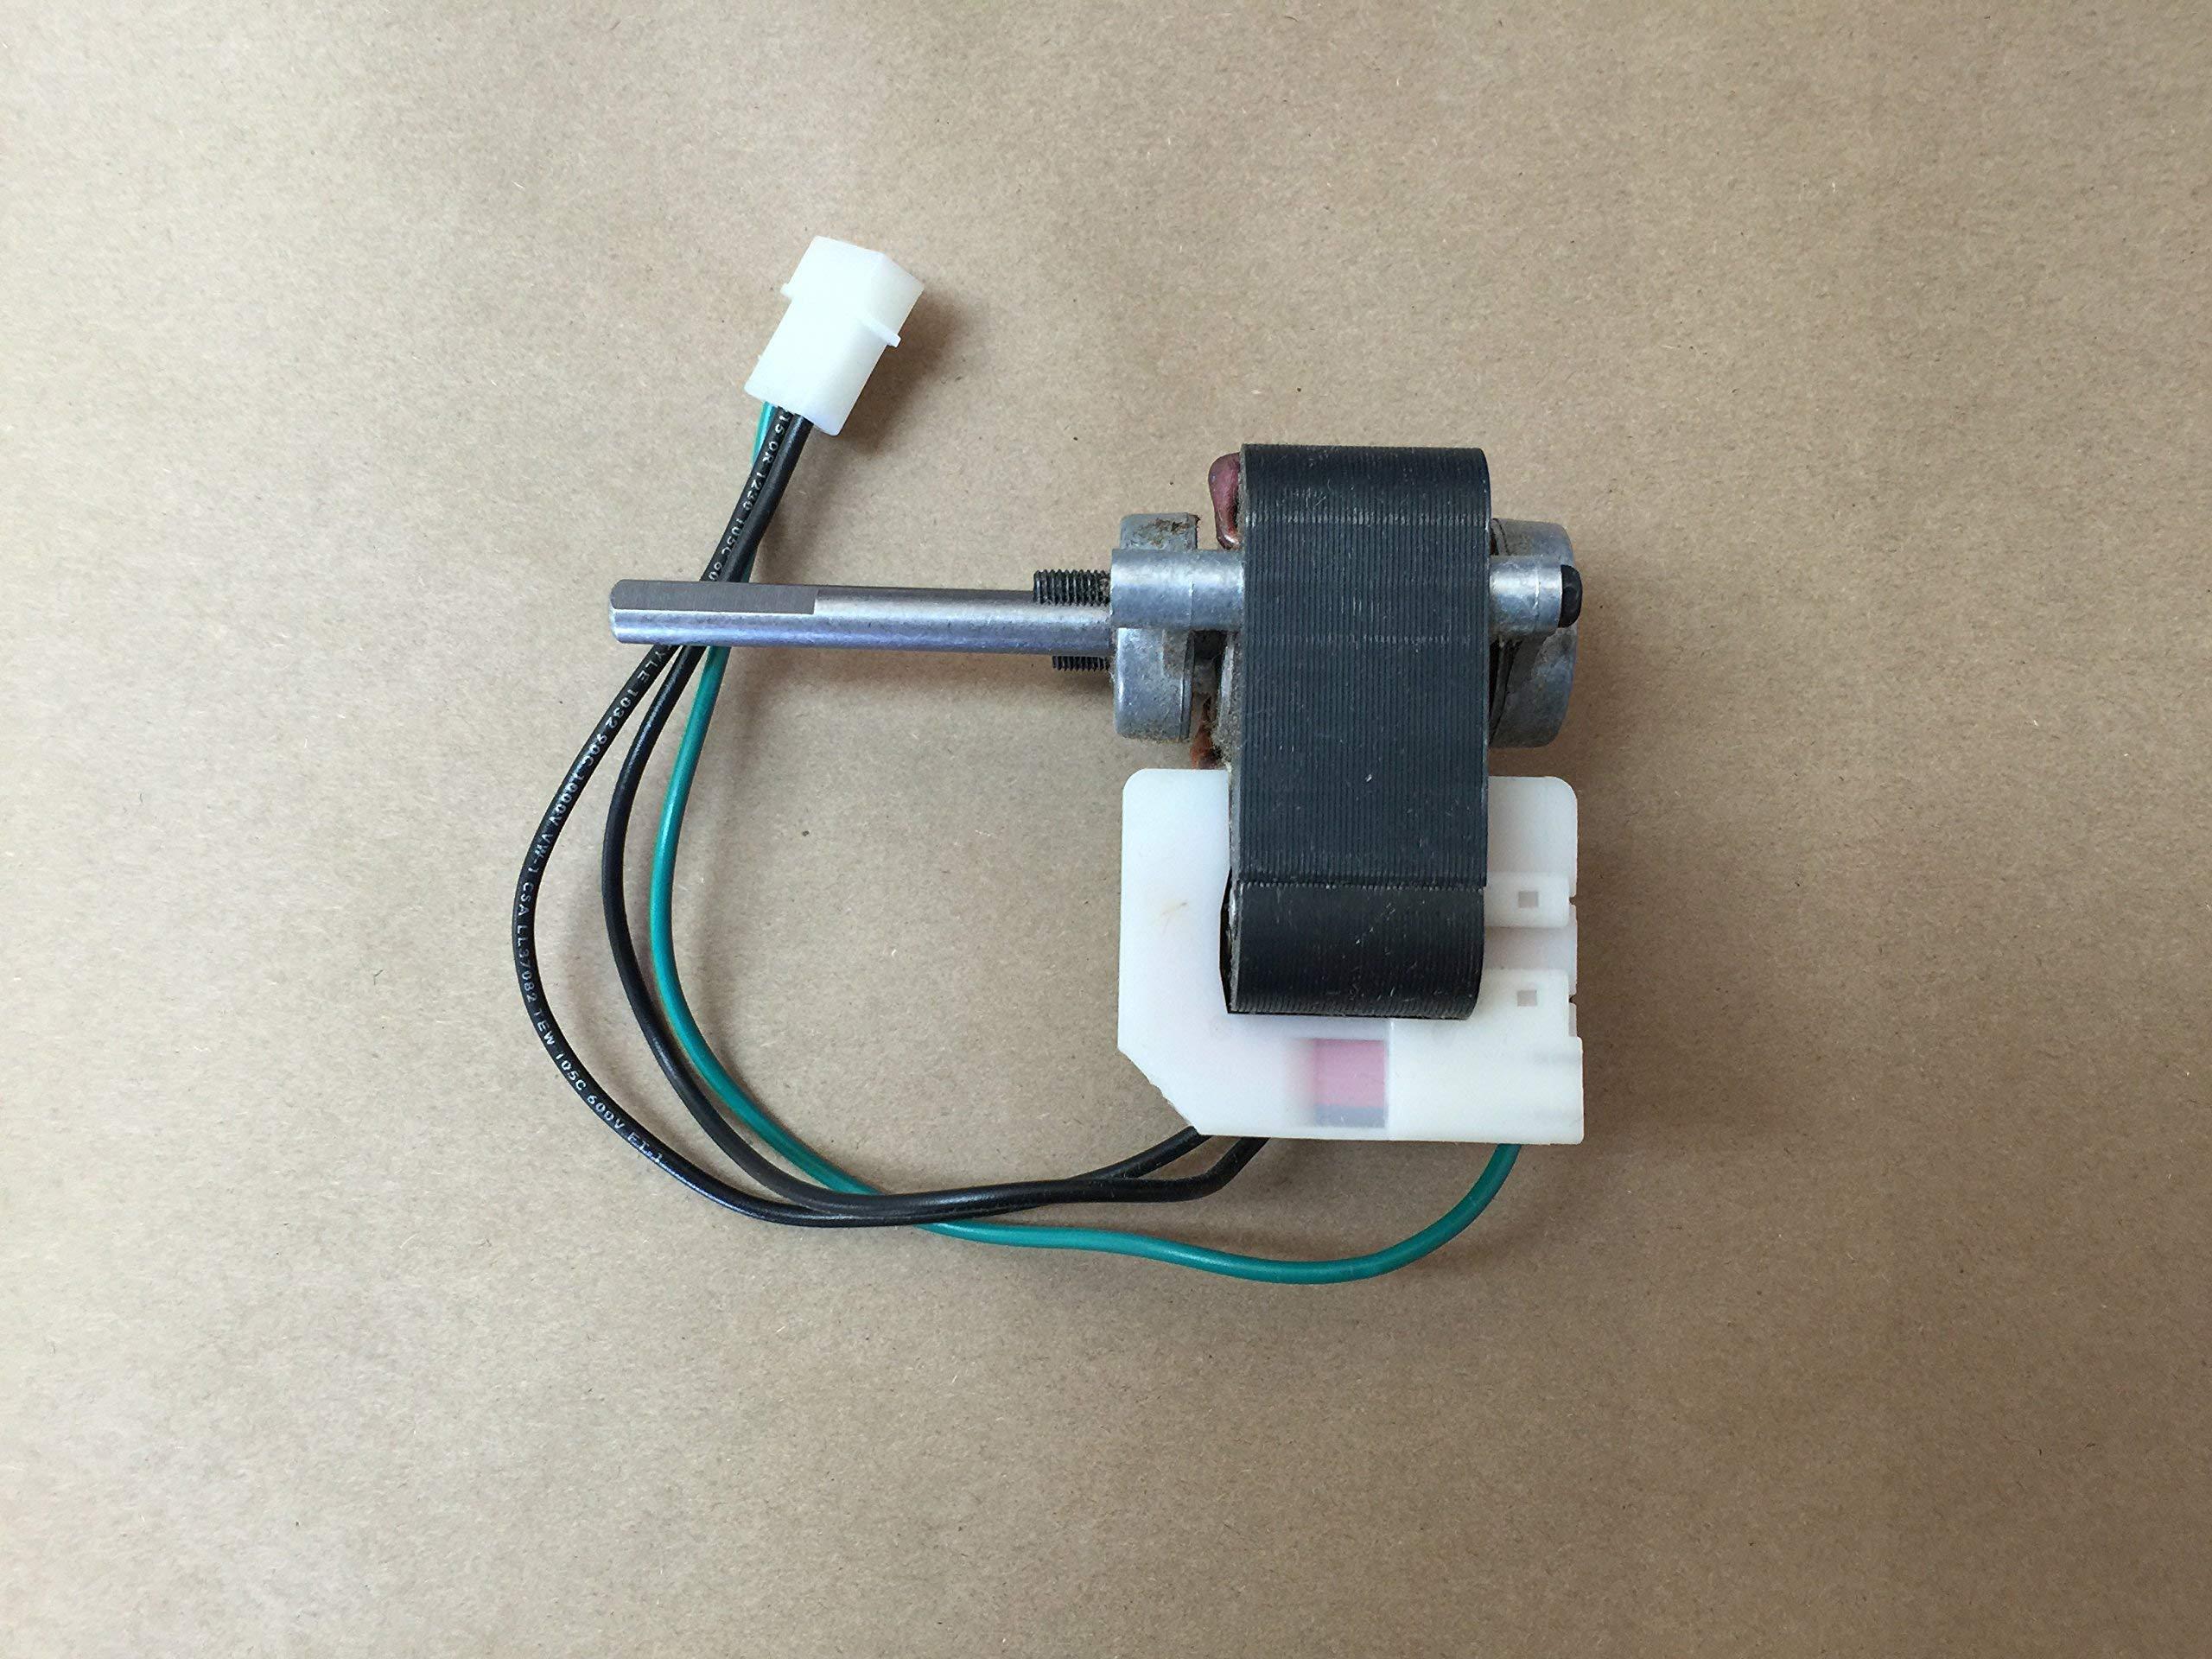 Nutone 88624000 Motor for LS80SE Exhaust fan J238-100-10075